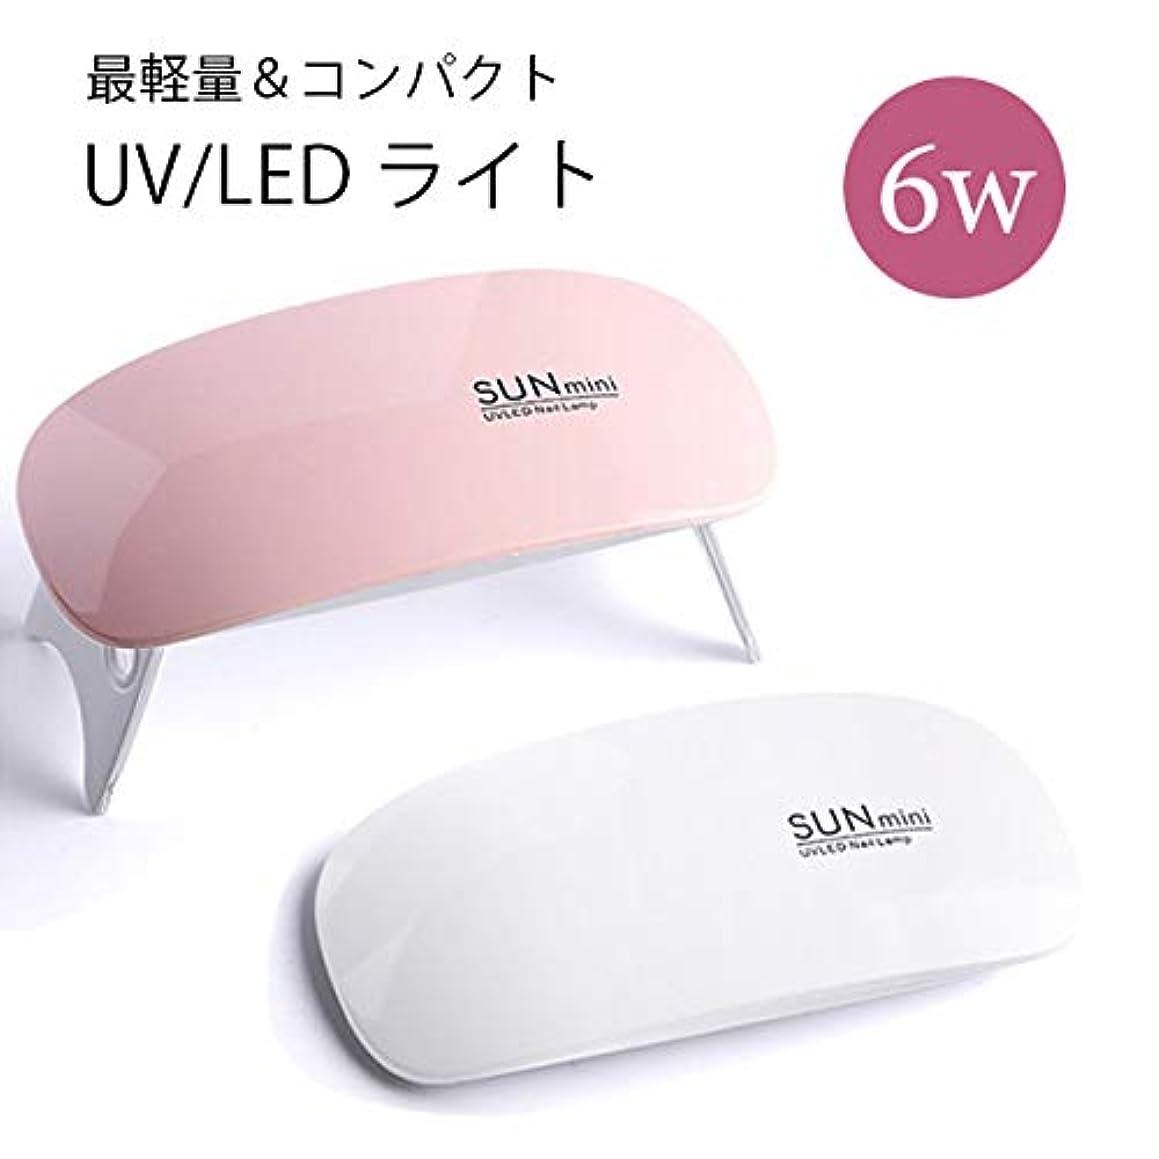 地理湿地ユーモラス薄型 LED/UV ライト 6w (ピンク)